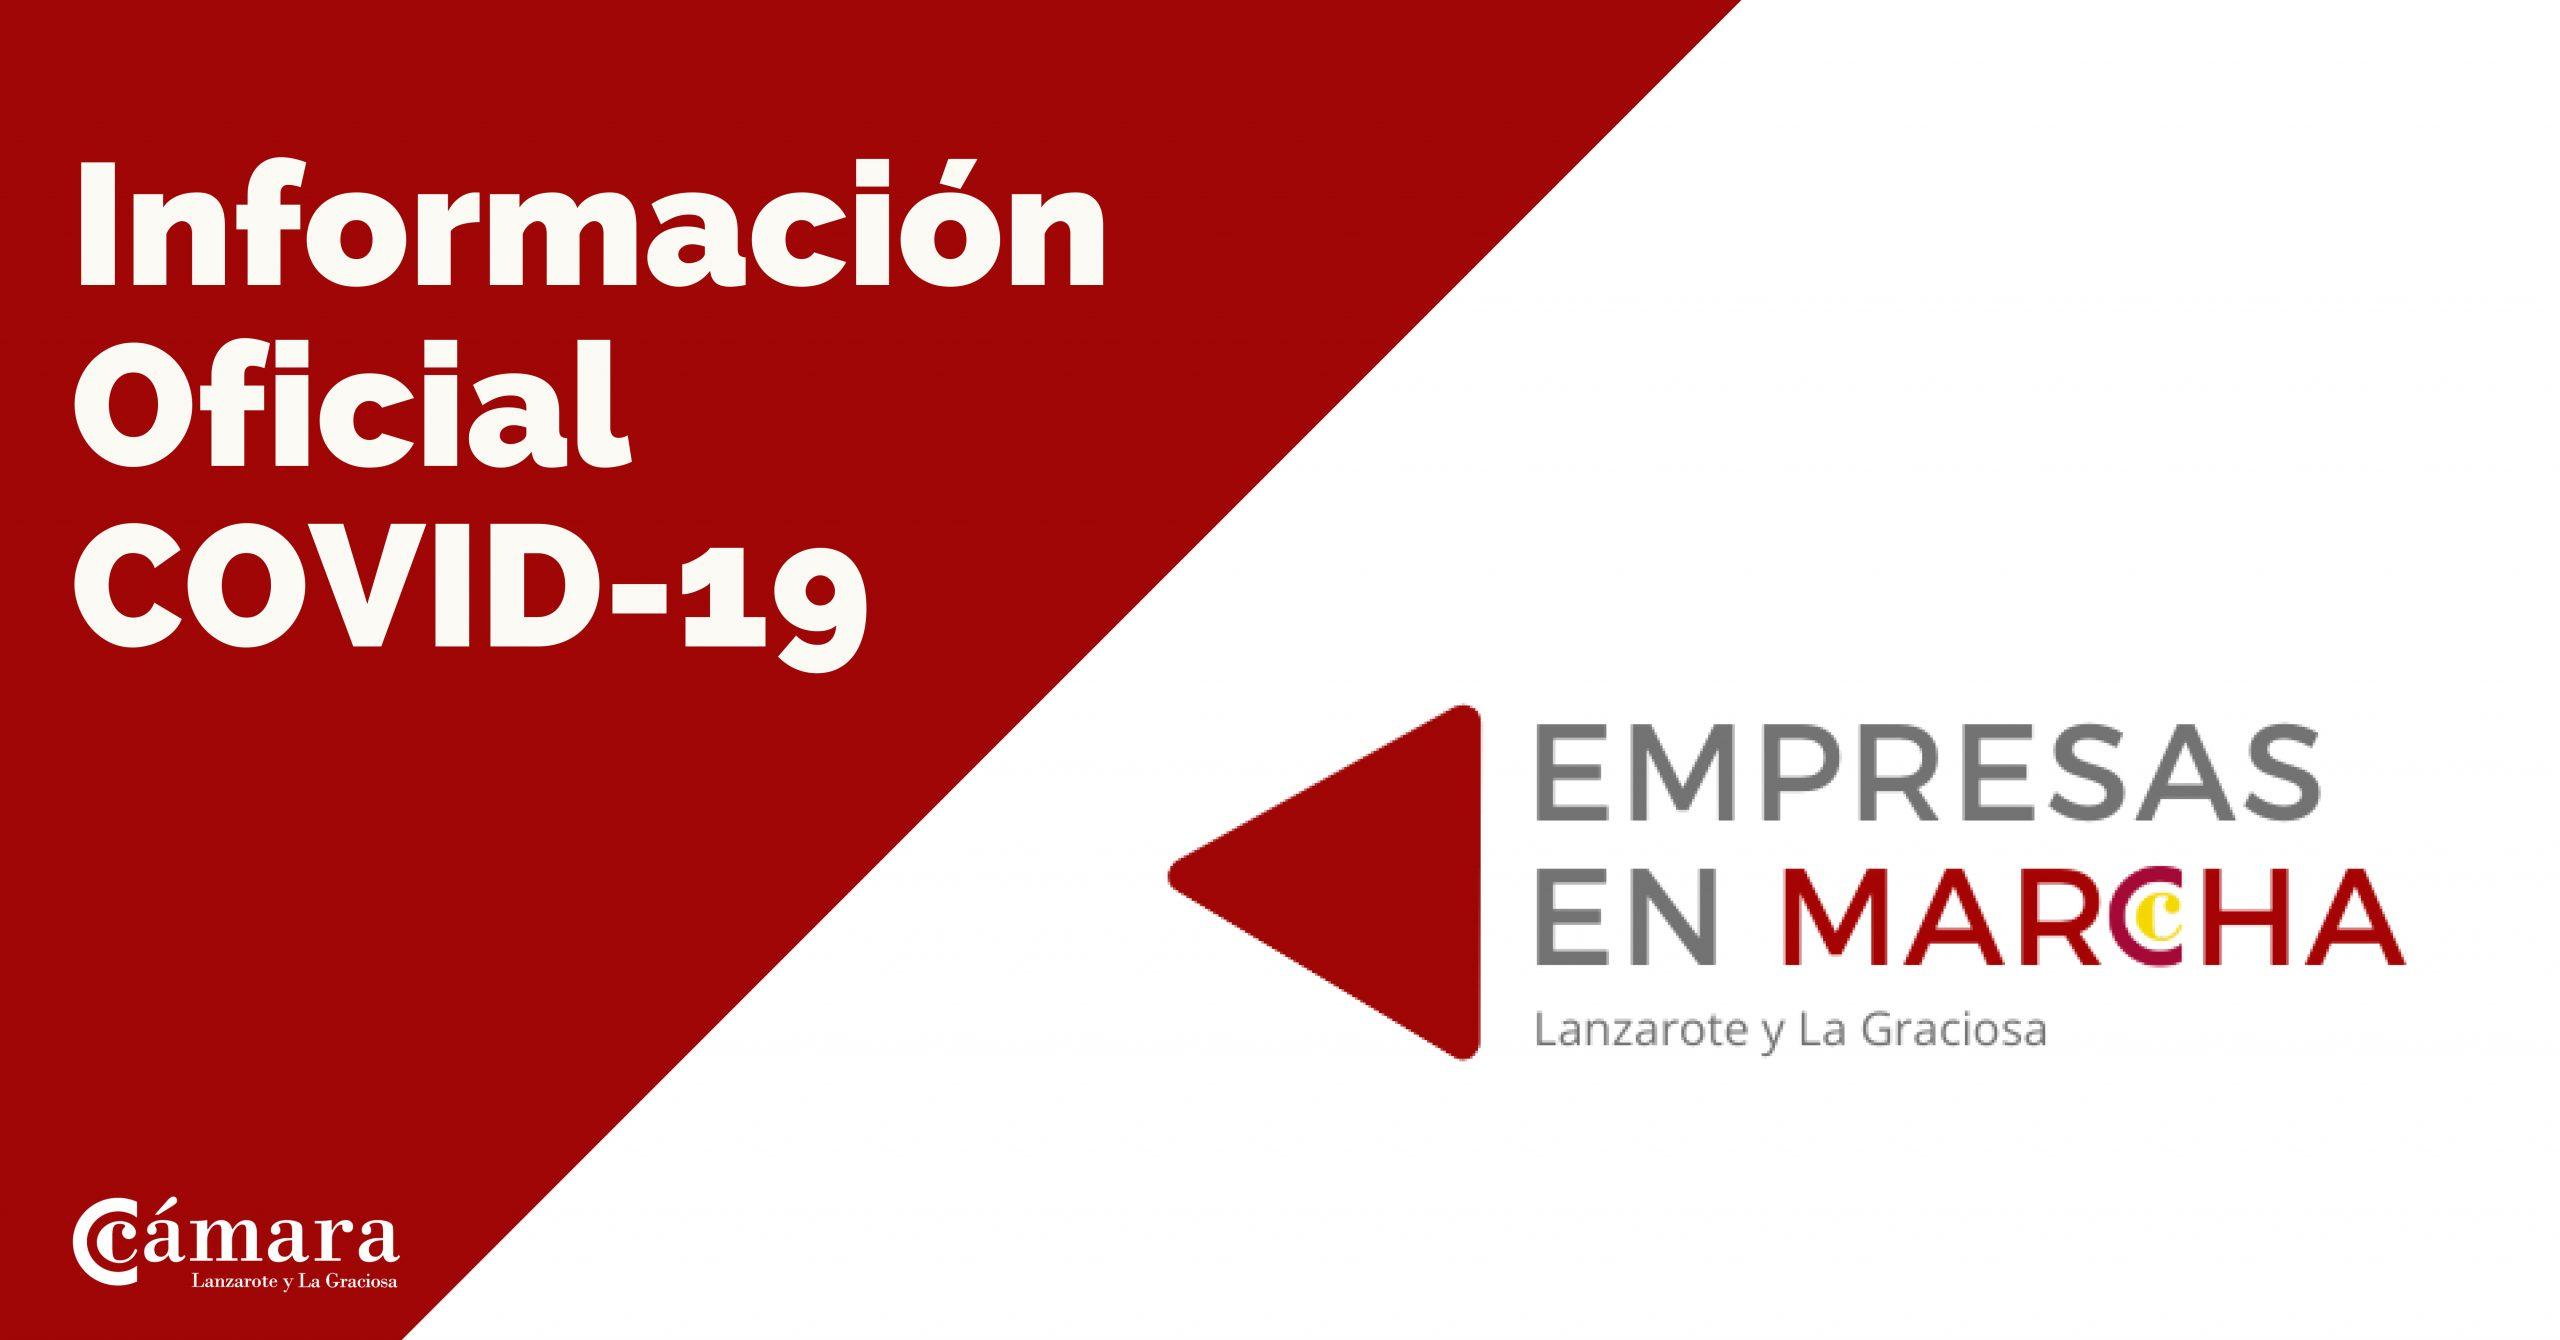 `Empresas en Marcha', una iniciativa de la Cámara de Comercio para sostener la actividad económica en Lanzarote y La Graciosa